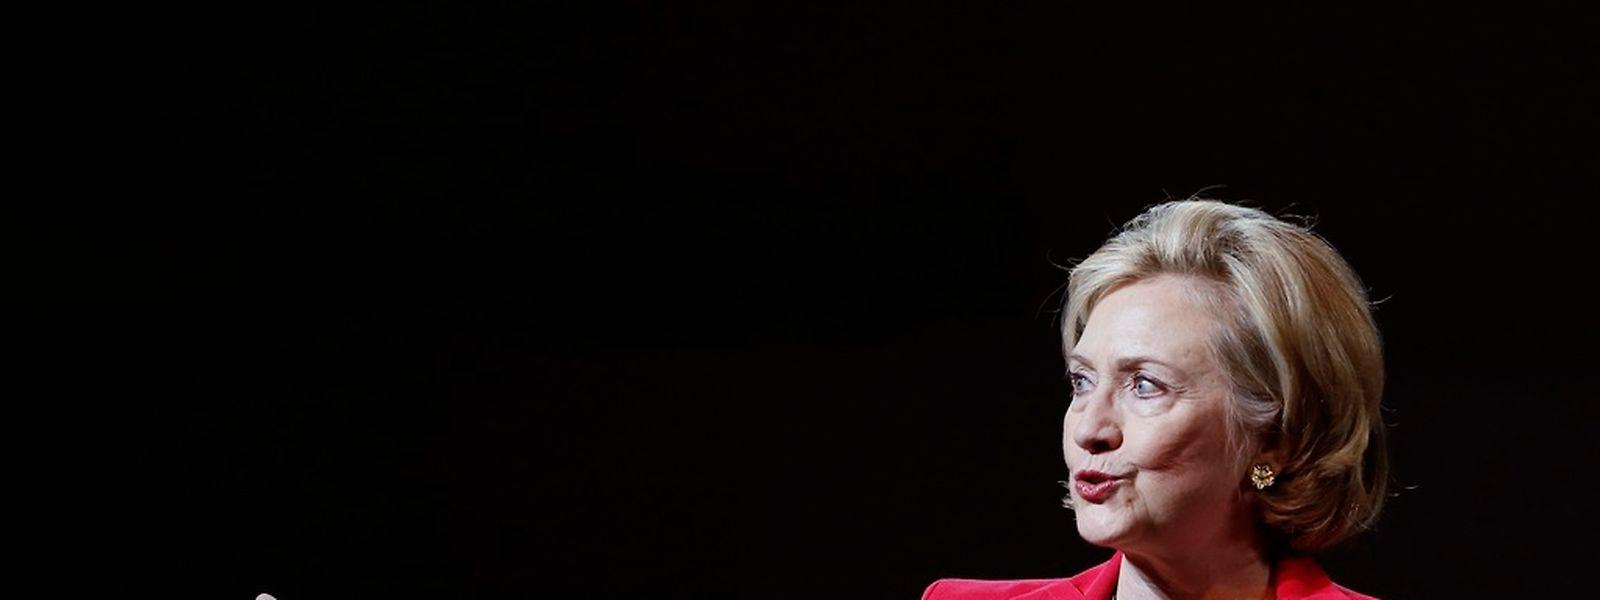 Die ehemalige First Lady will nach Neujahr über eine Präsidentschaftskandidatur entscheiden. Dies sagte sie am Freitagabend bei einer Konferenz in Mexico-City.